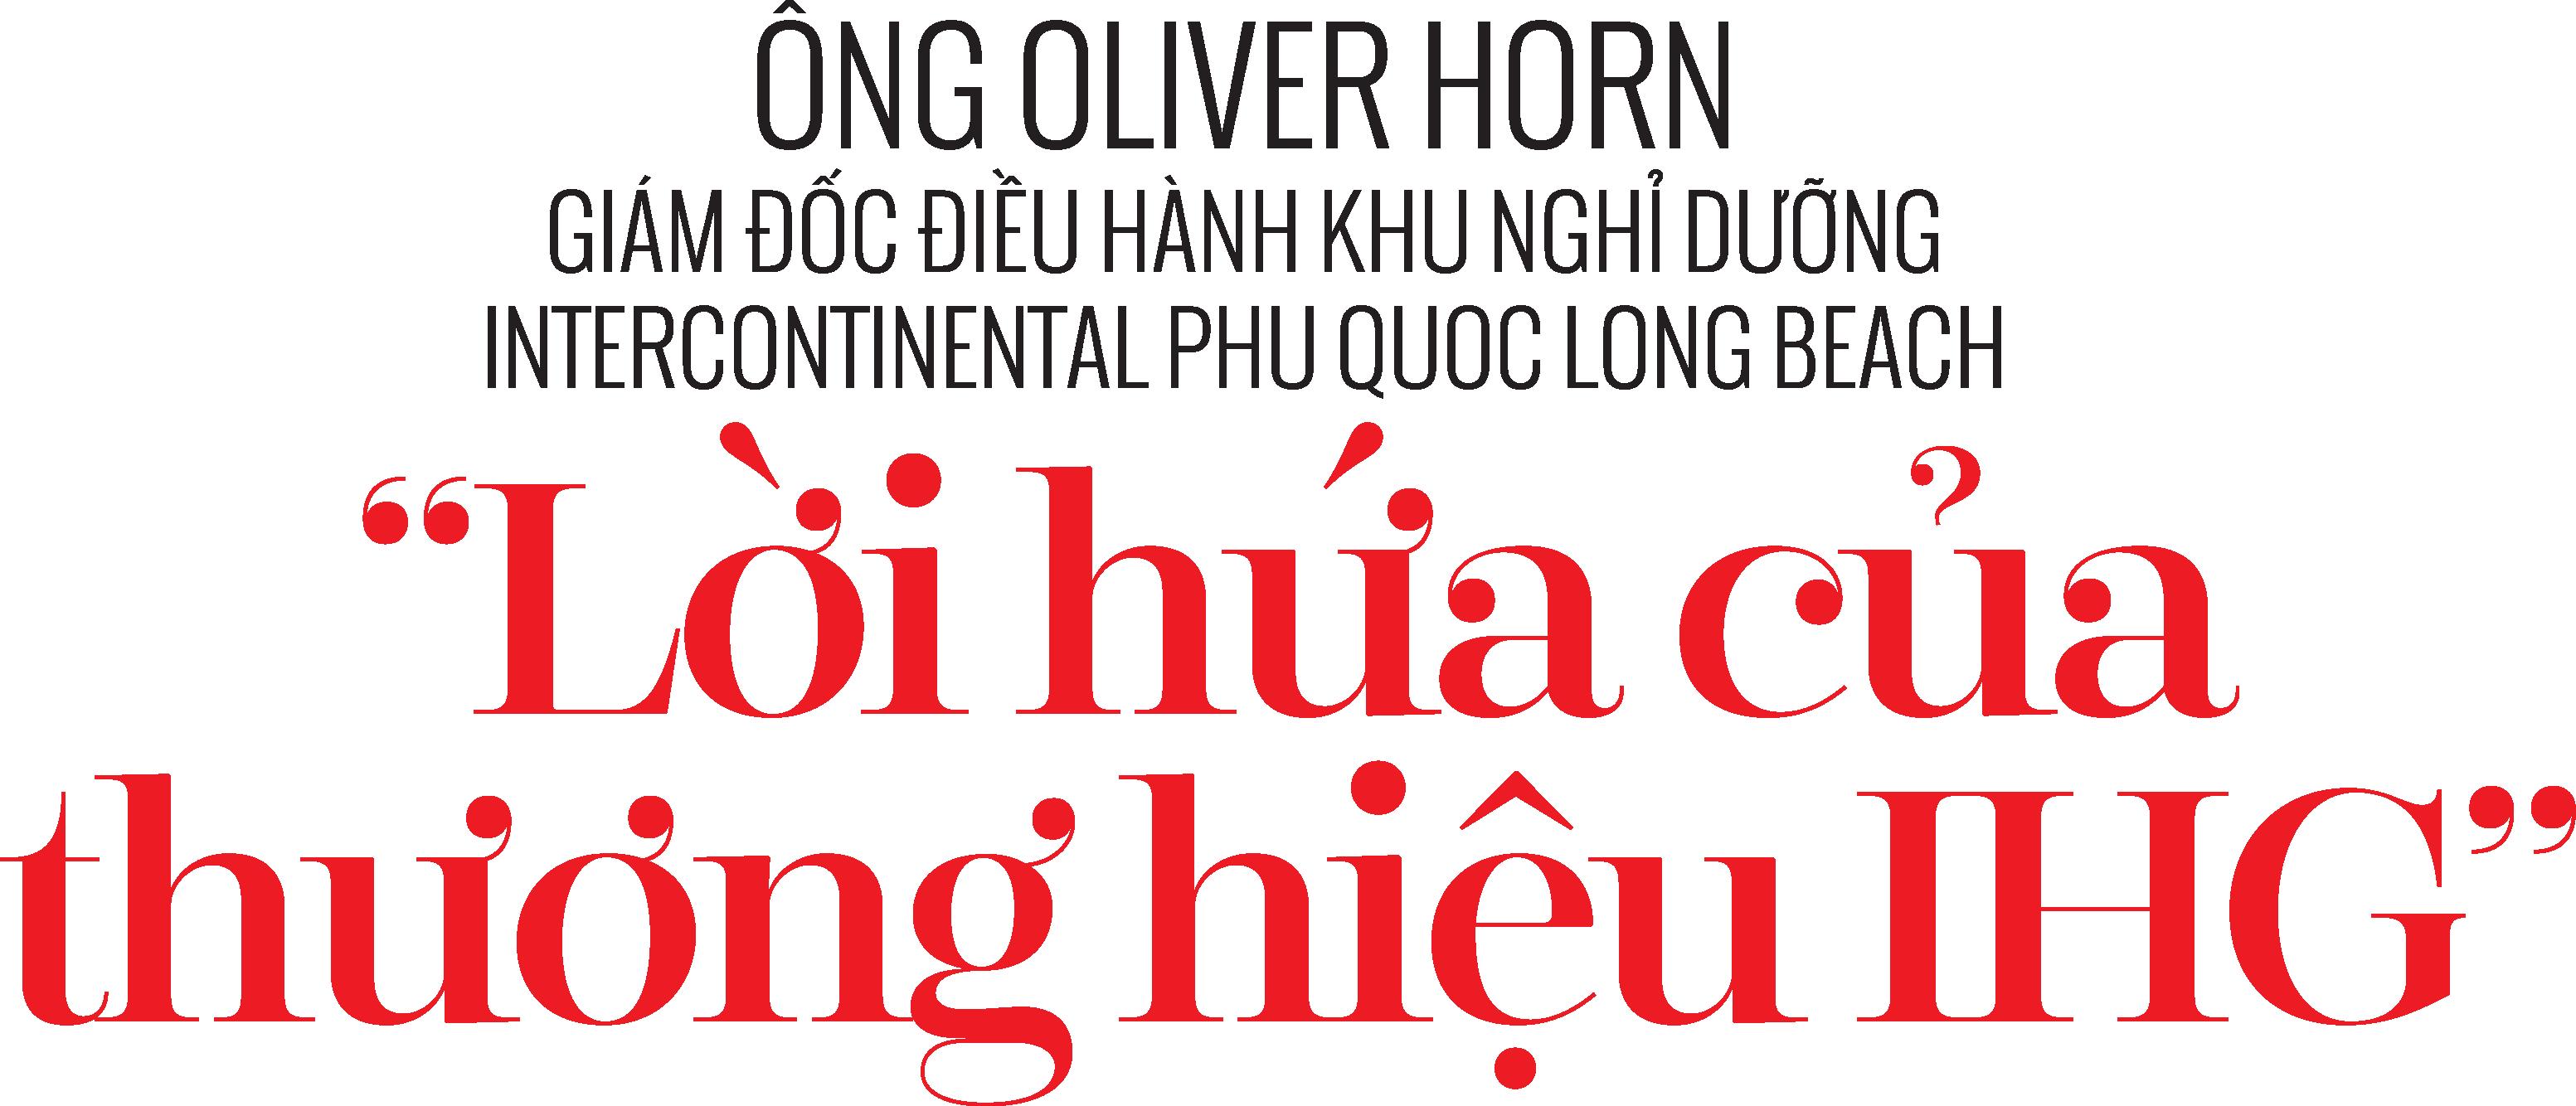 Ông Oliver Horn - Giám đốc điều hành -6